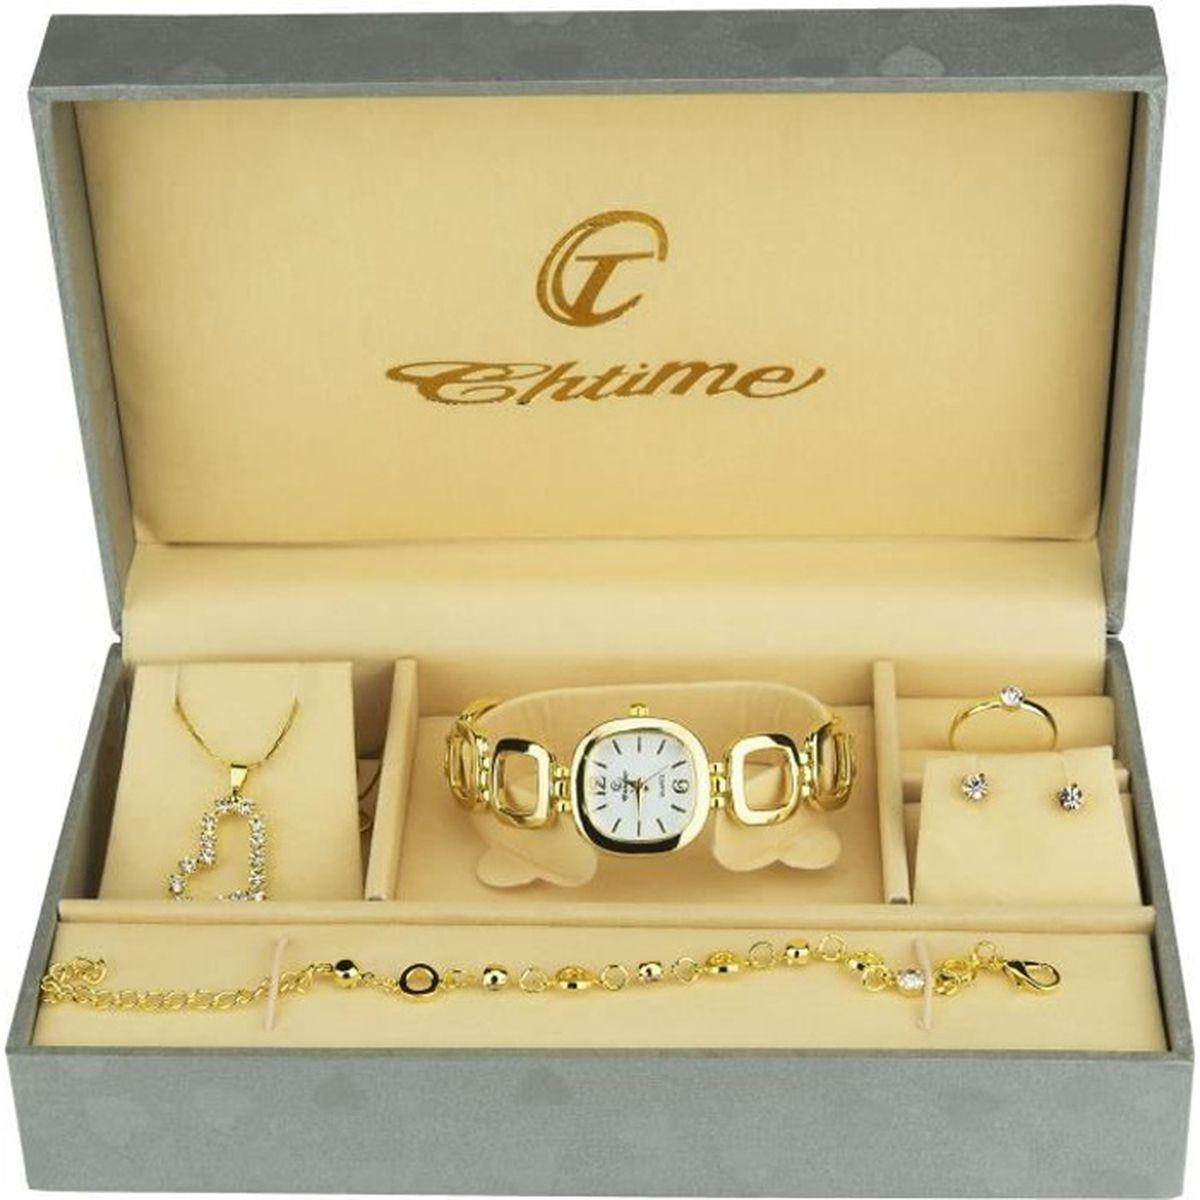 ef93e2b3fedcb Coffret cadeau Montre Femme Or- Parure de Bijoux- Collier-Bague- Boucles  d'oreilles - Bracelet